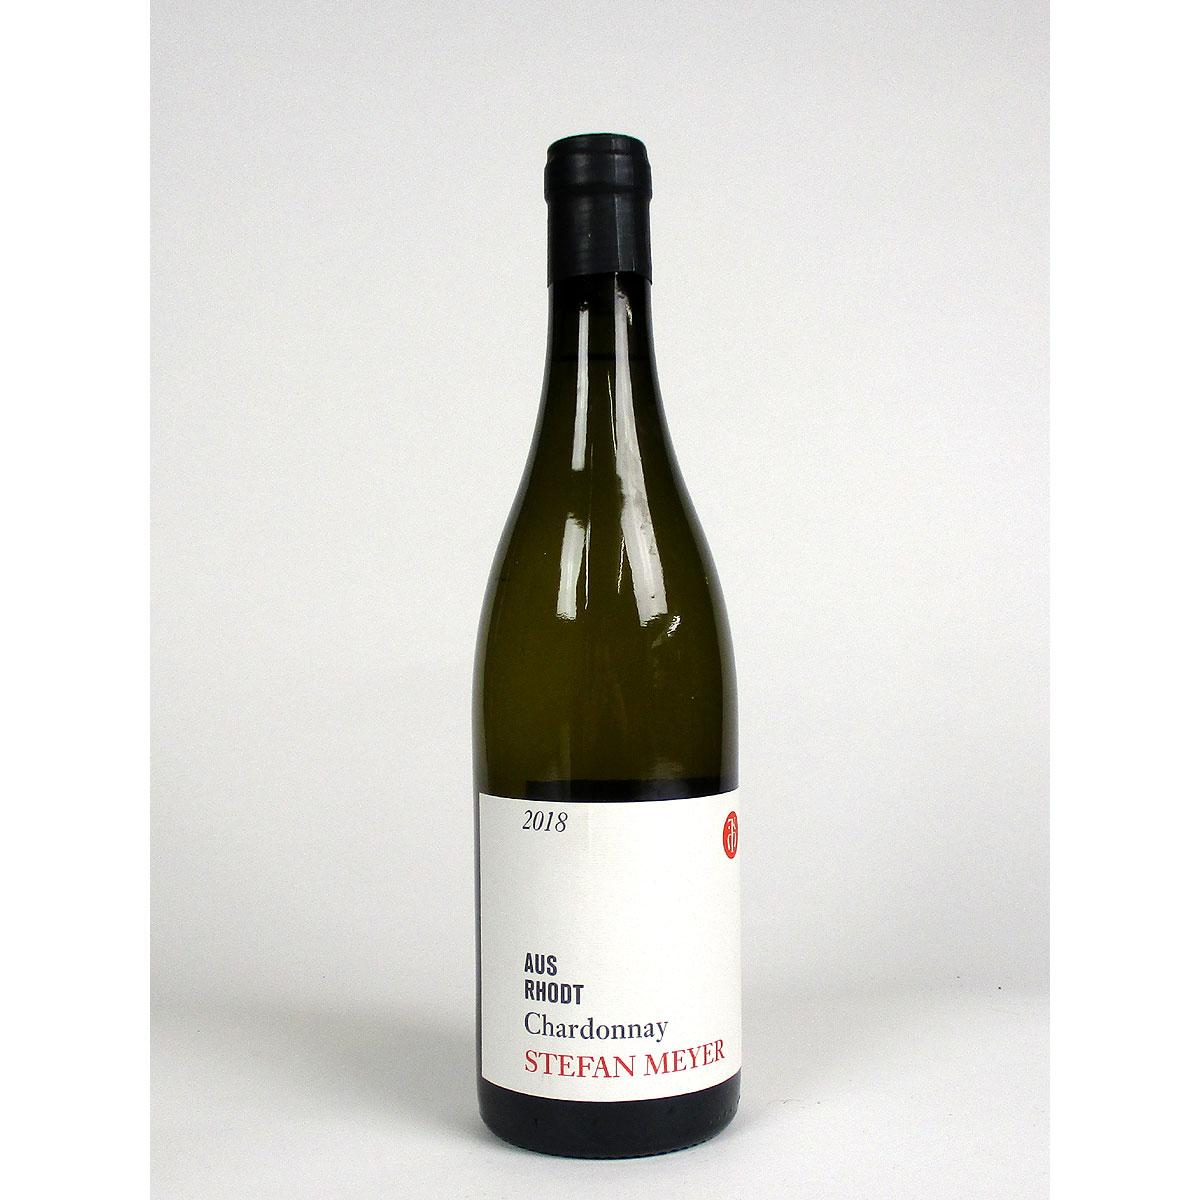 Pfalz: Stefan Meyer 'Aus Rhodt' Chardonnay 2018 - Bottle